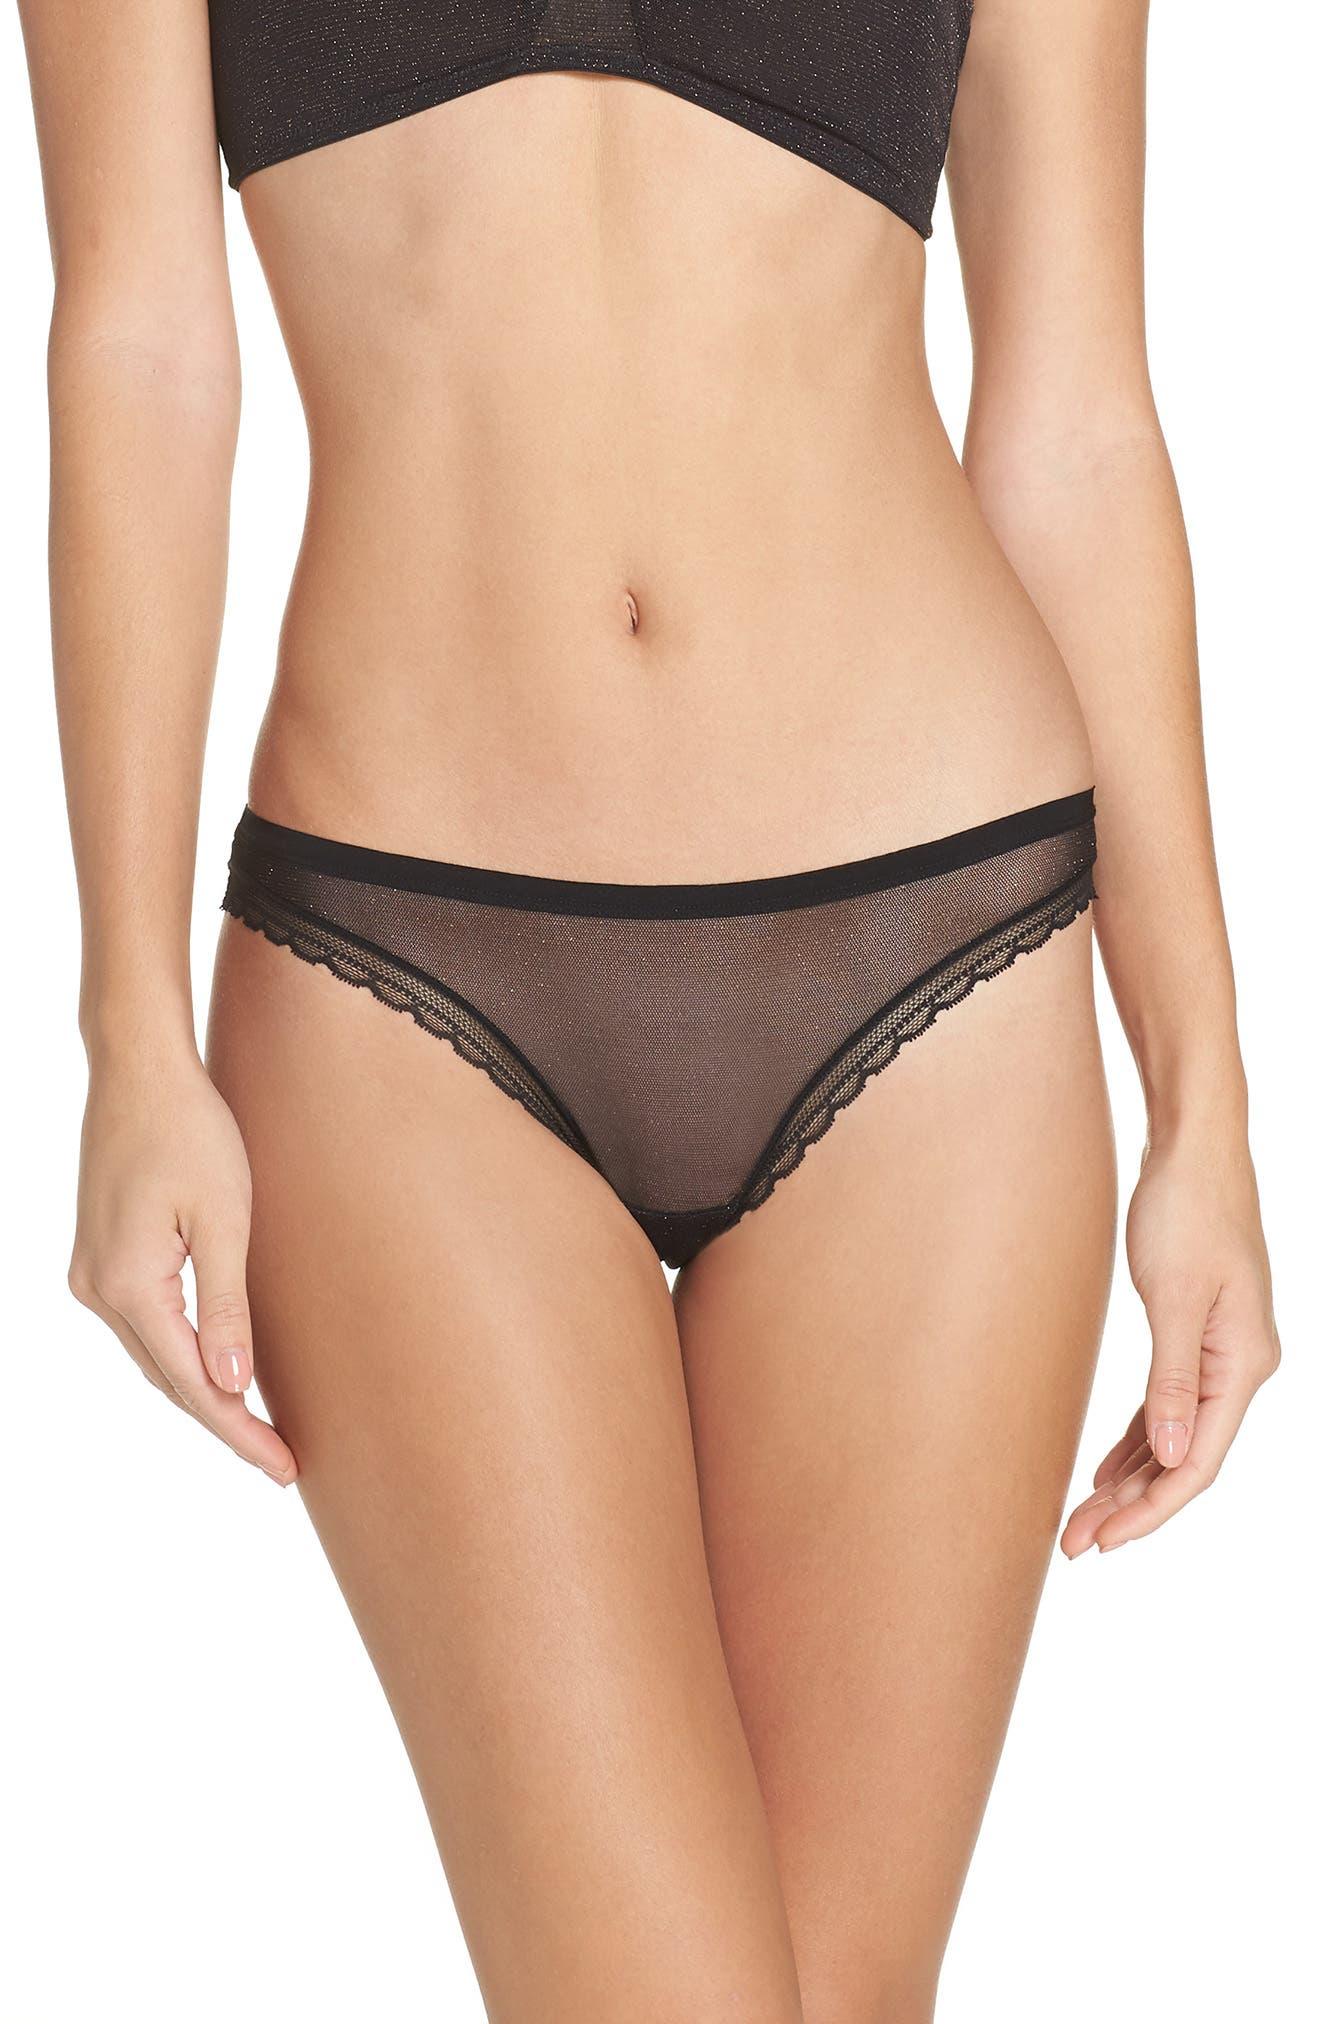 Mesh Bikini,                             Main thumbnail 1, color,                             BLACK SHIMMER